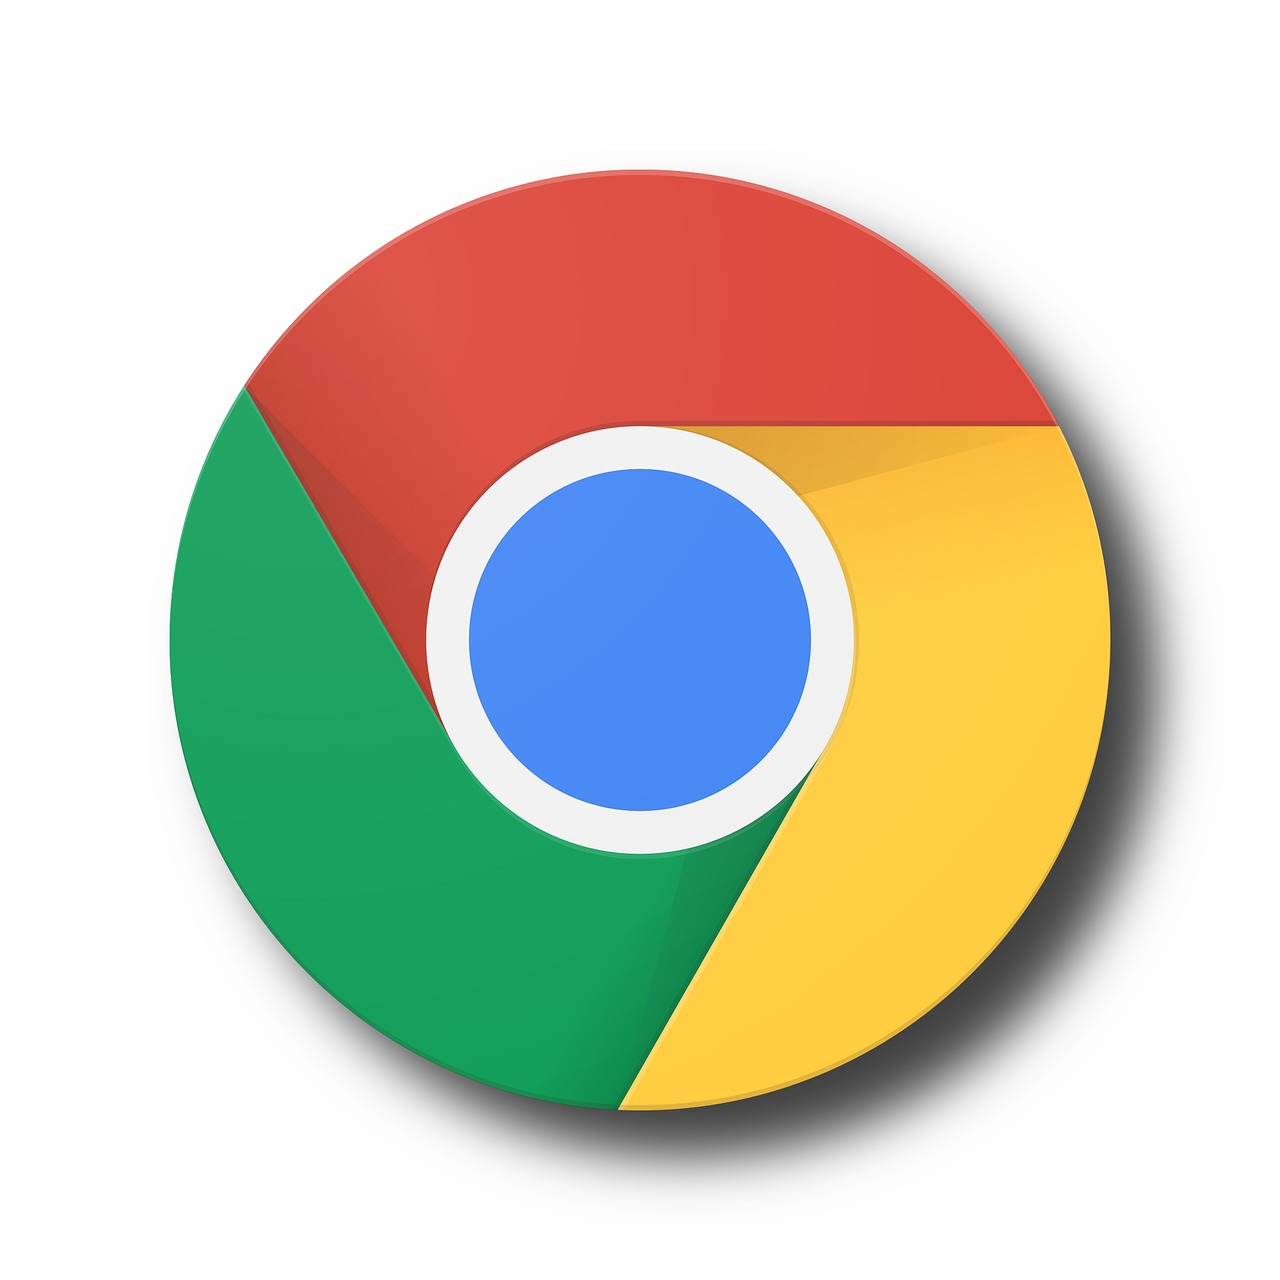 Quel est le navigateur web le plus utilisé en 2017 ?